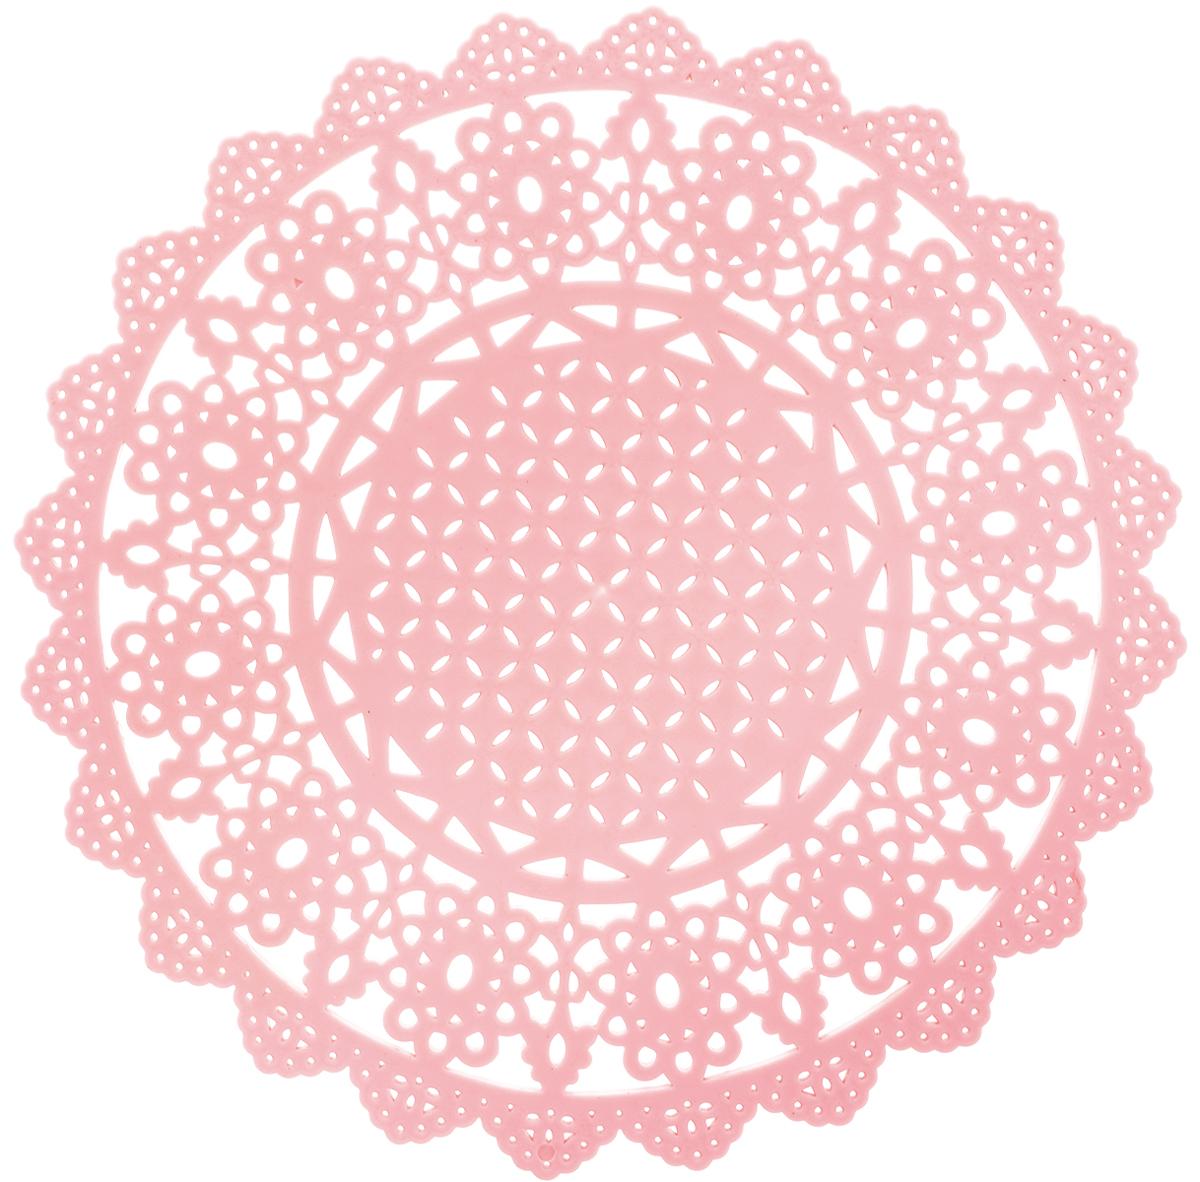 Подставка под горячее Доляна Ажур, силиконовая, цвет: розовый, диаметр 20 см1153295_розовыйПодставка под горячее Доляна Ажур изготовлена из силикона. Материал позволяет выдерживать высокие температуры (от +40°С до +250°С) и не скользит по поверхности стола.Каждая хозяйка знает, что подставка под горячее - это незаменимый и очень полезный аксессуар на каждой кухне. Ваш стол будет не только украшен яркой и оригинальной подставкой, но и сбережен от воздействия высоких температур.Размеры: 20 х 20 х 0,2 см.